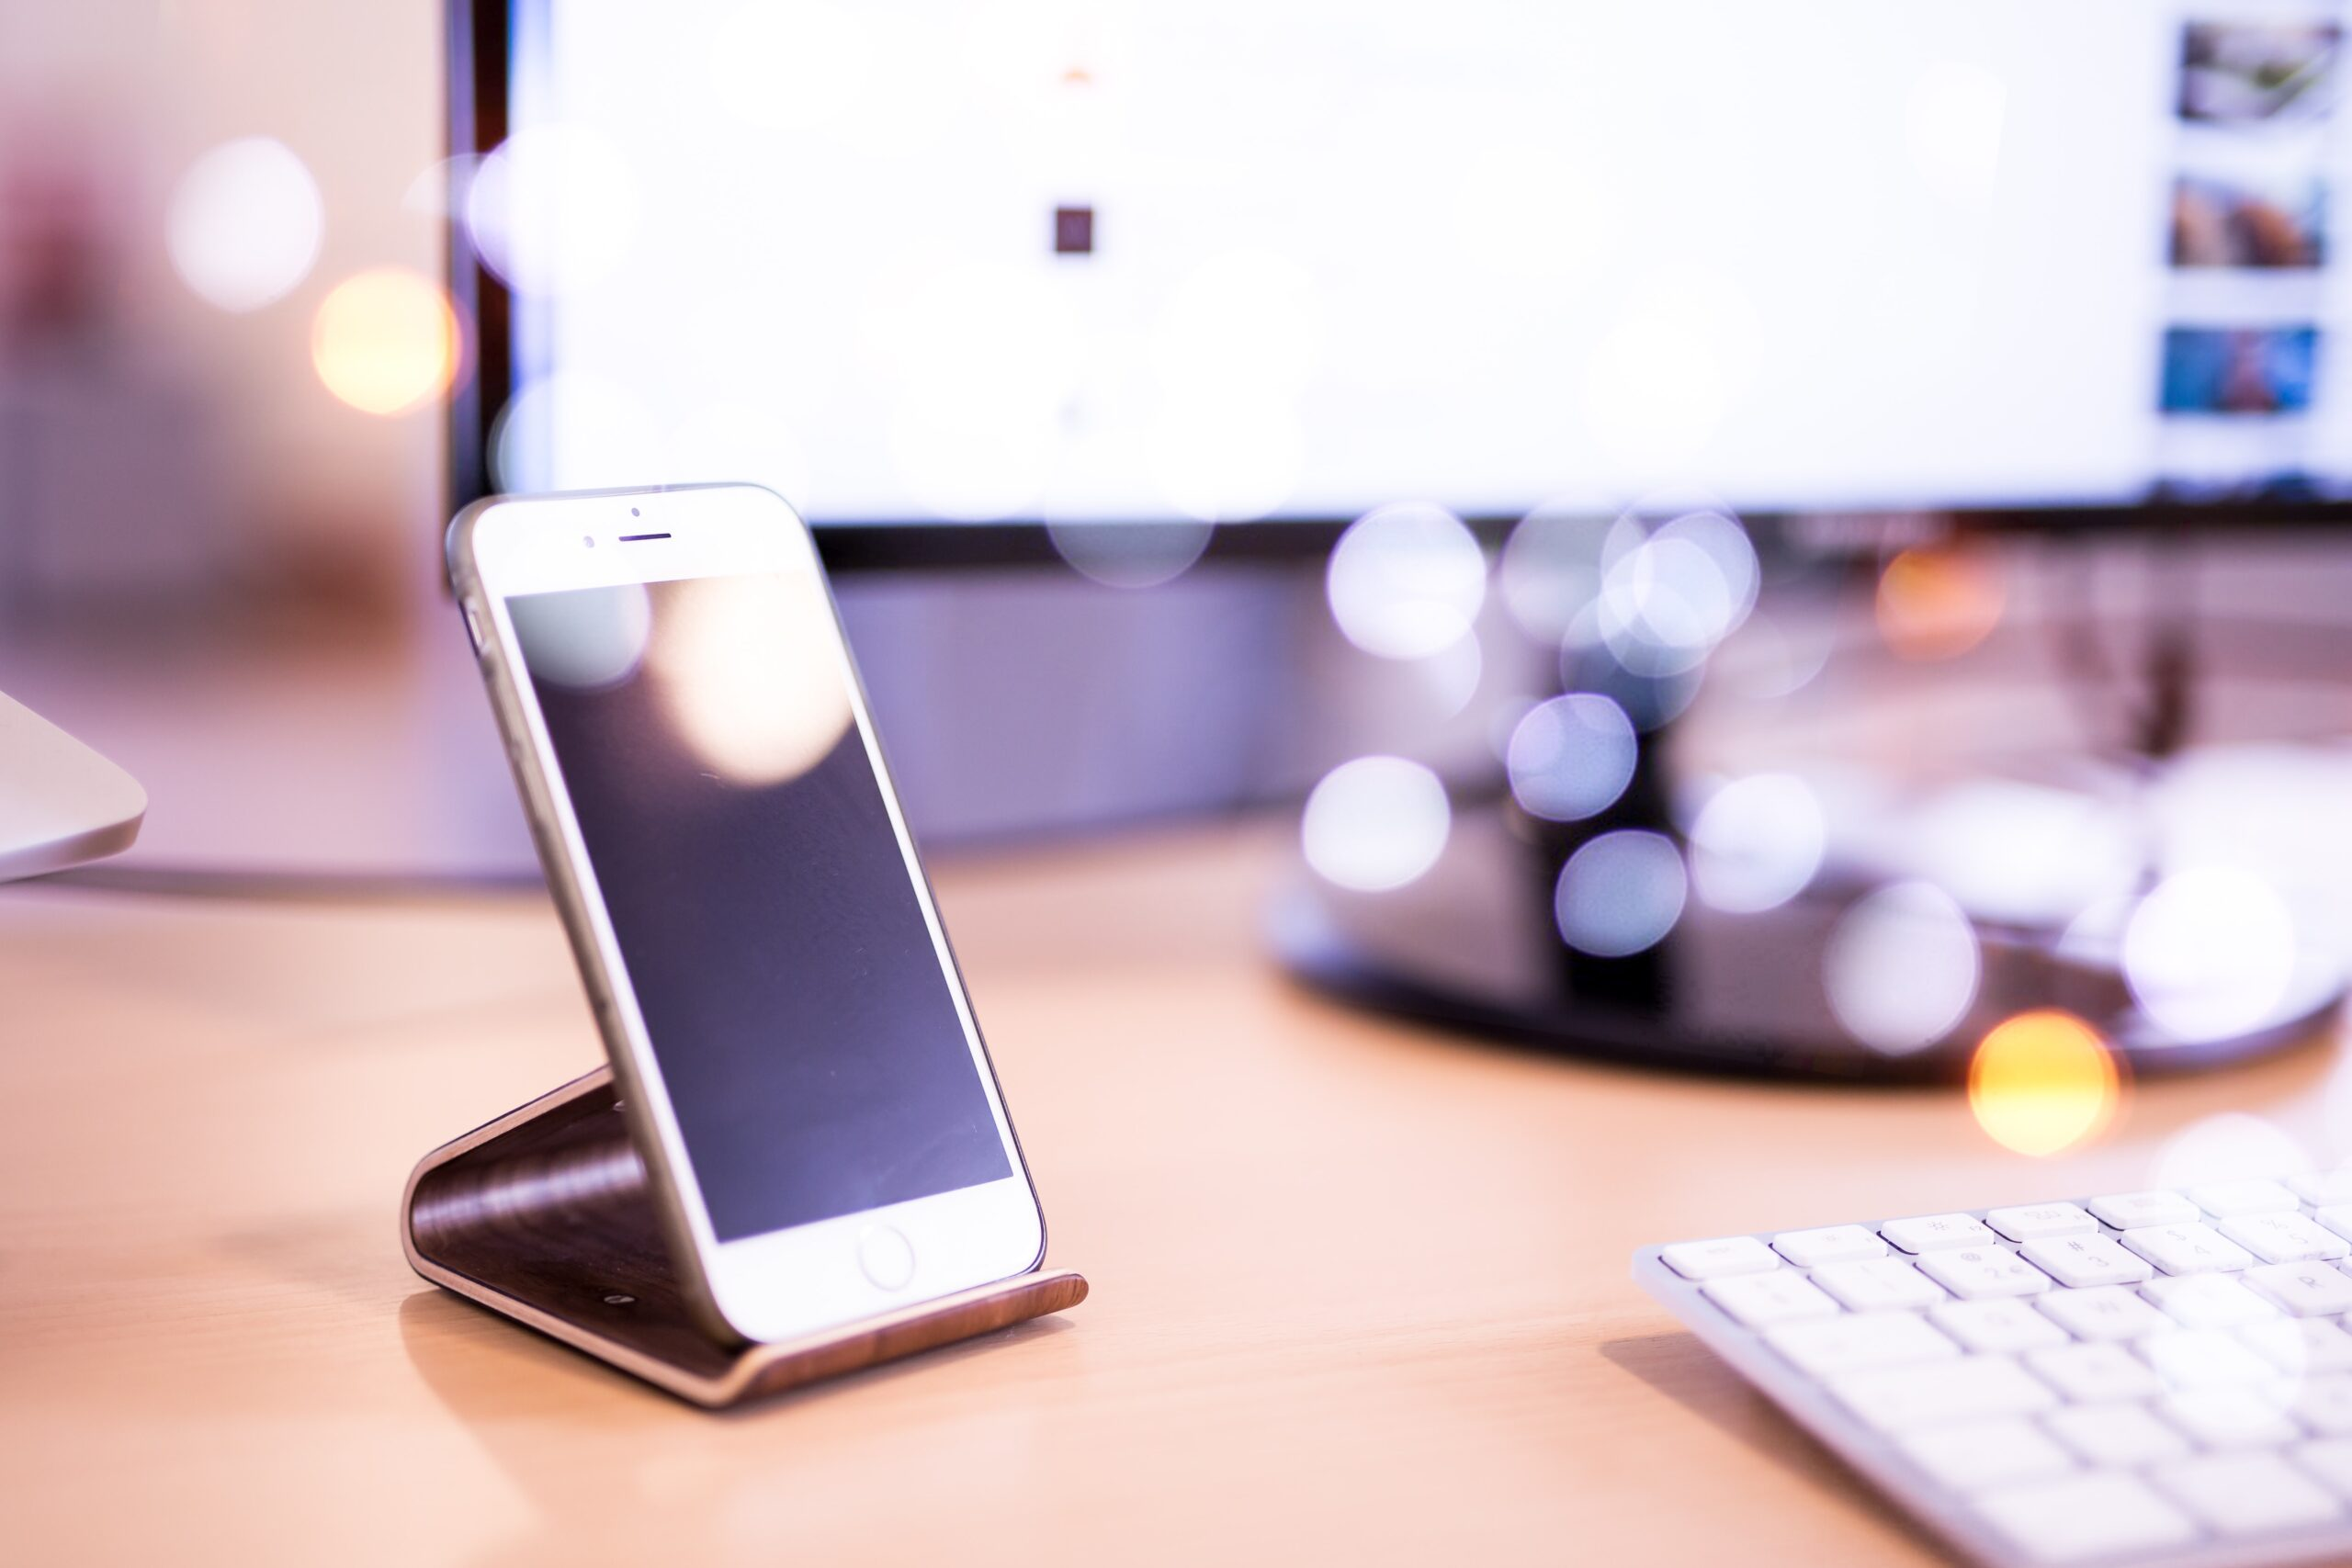 ディスプレイが光っているiPhone